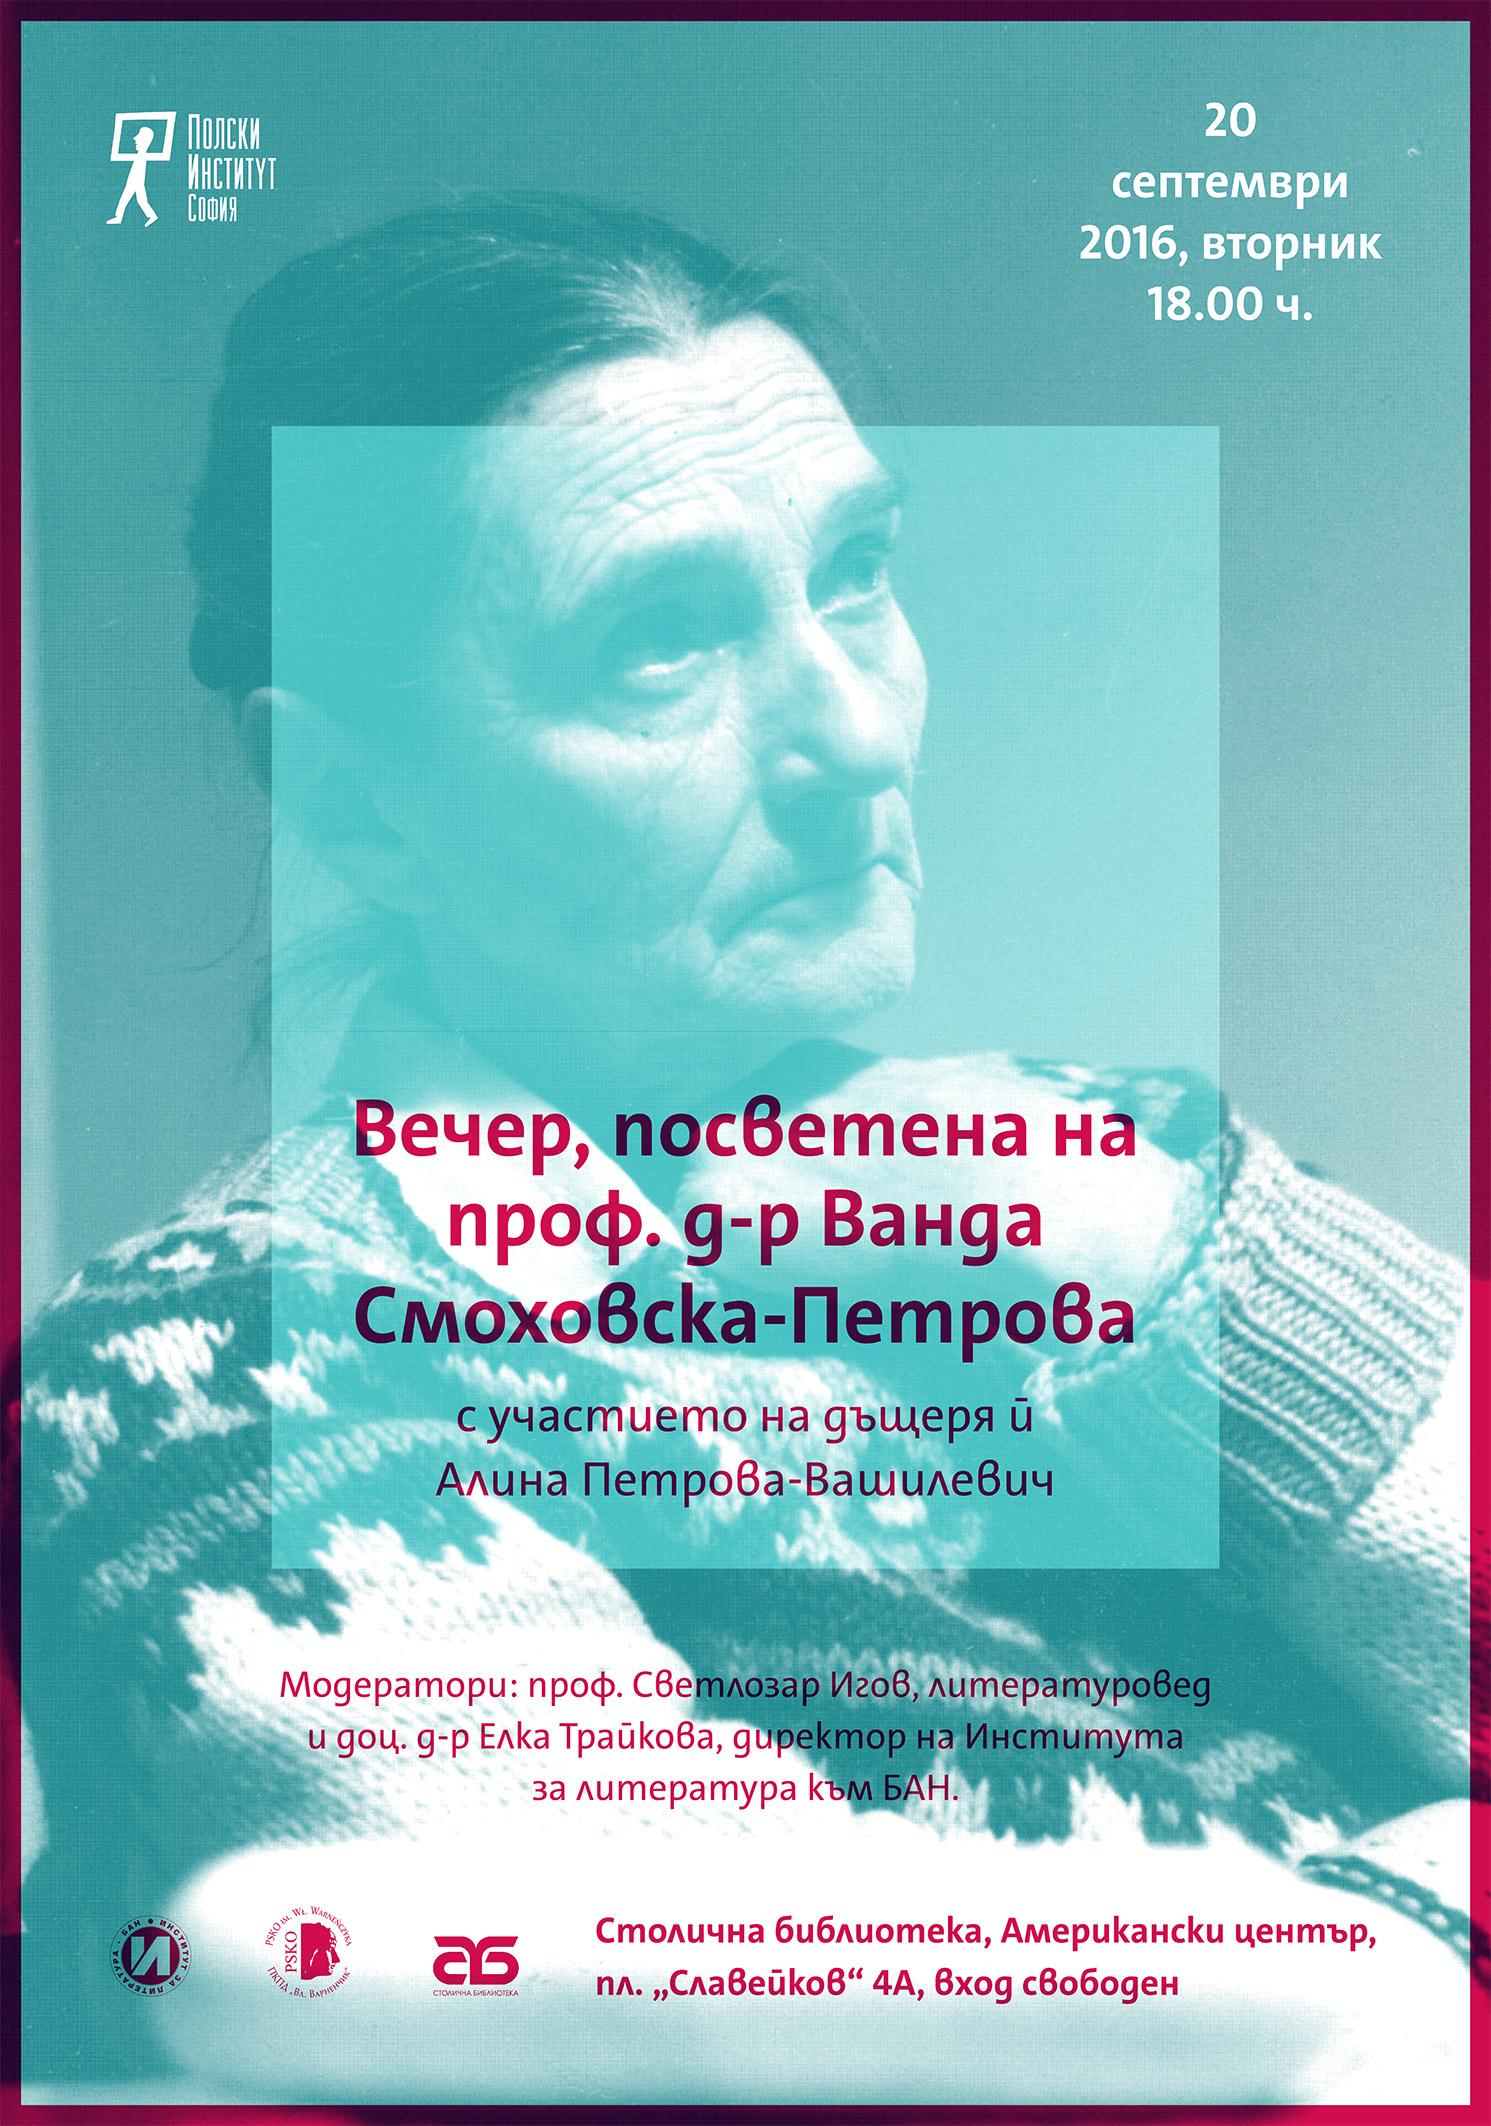 Вечер, посветена на проф. д-р Ванда Смоховска-Петрова